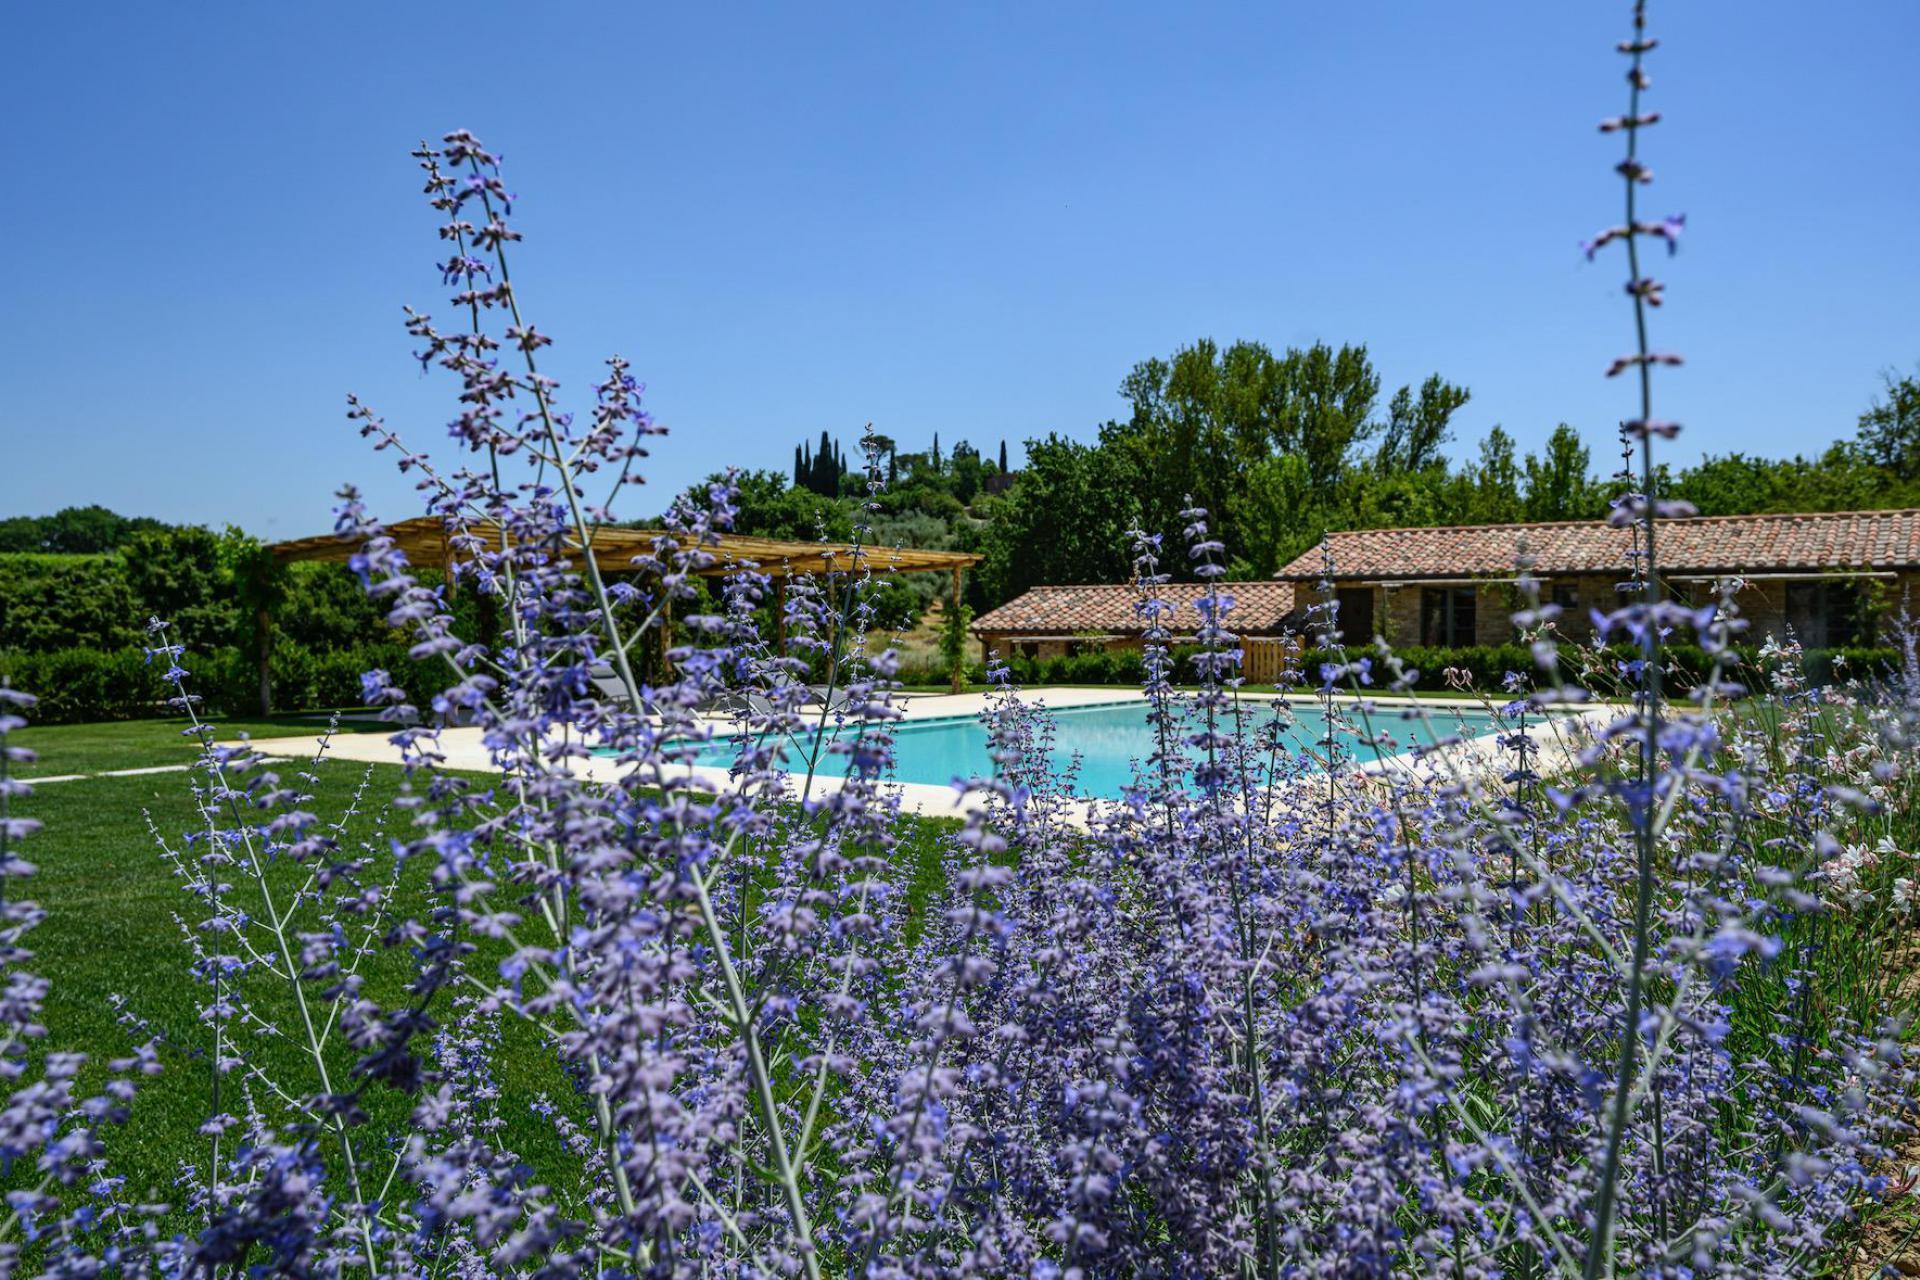 Agriturismo Toscane Ideale agriturismo in Toscane om tot rust te komen